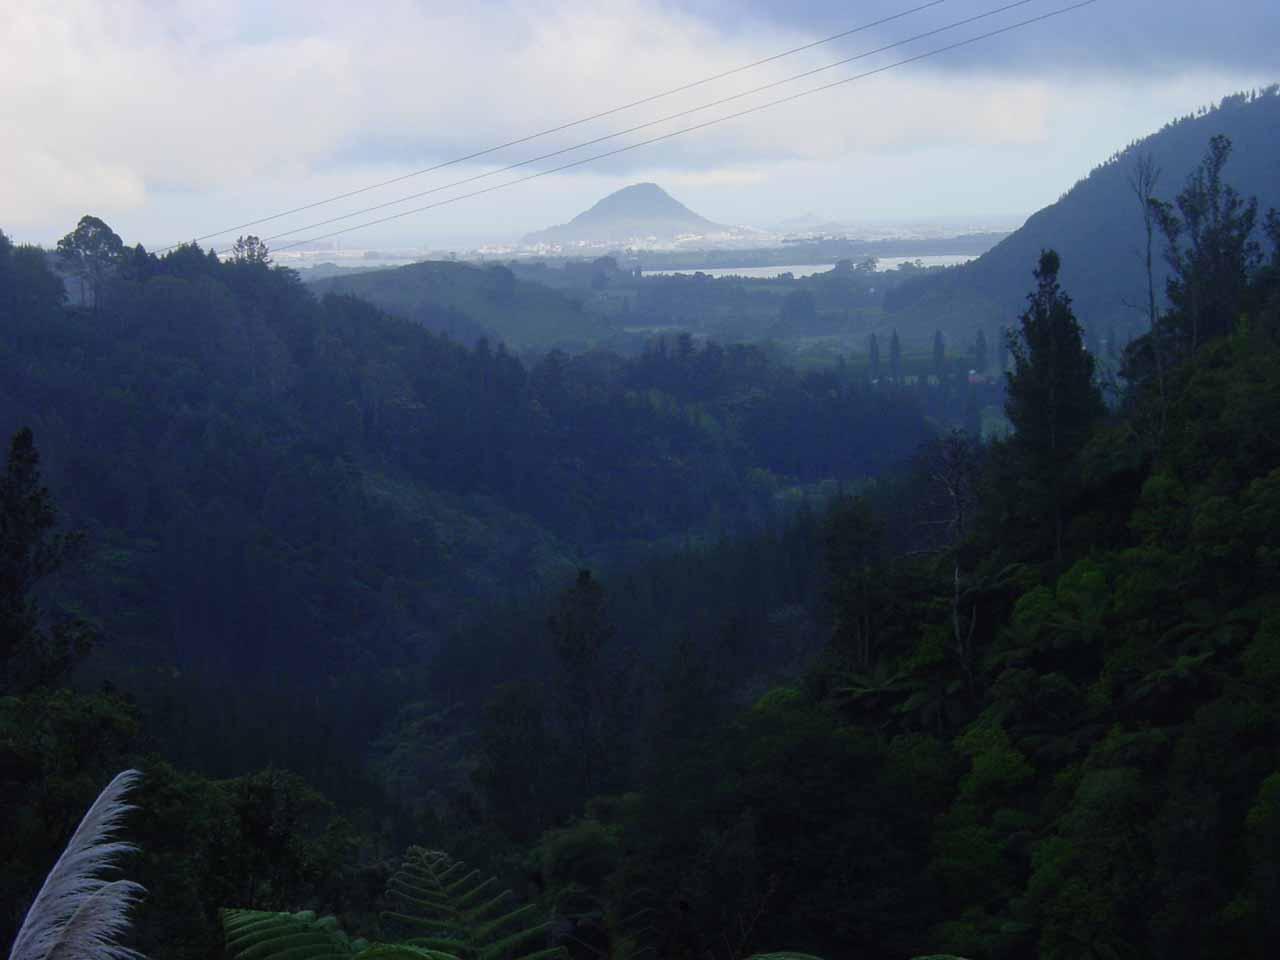 Further to the south along Tauranga Bay was the town of Tauranga, where on the Rerekawau Falls hike, we got this view back towards Mt Maunganui